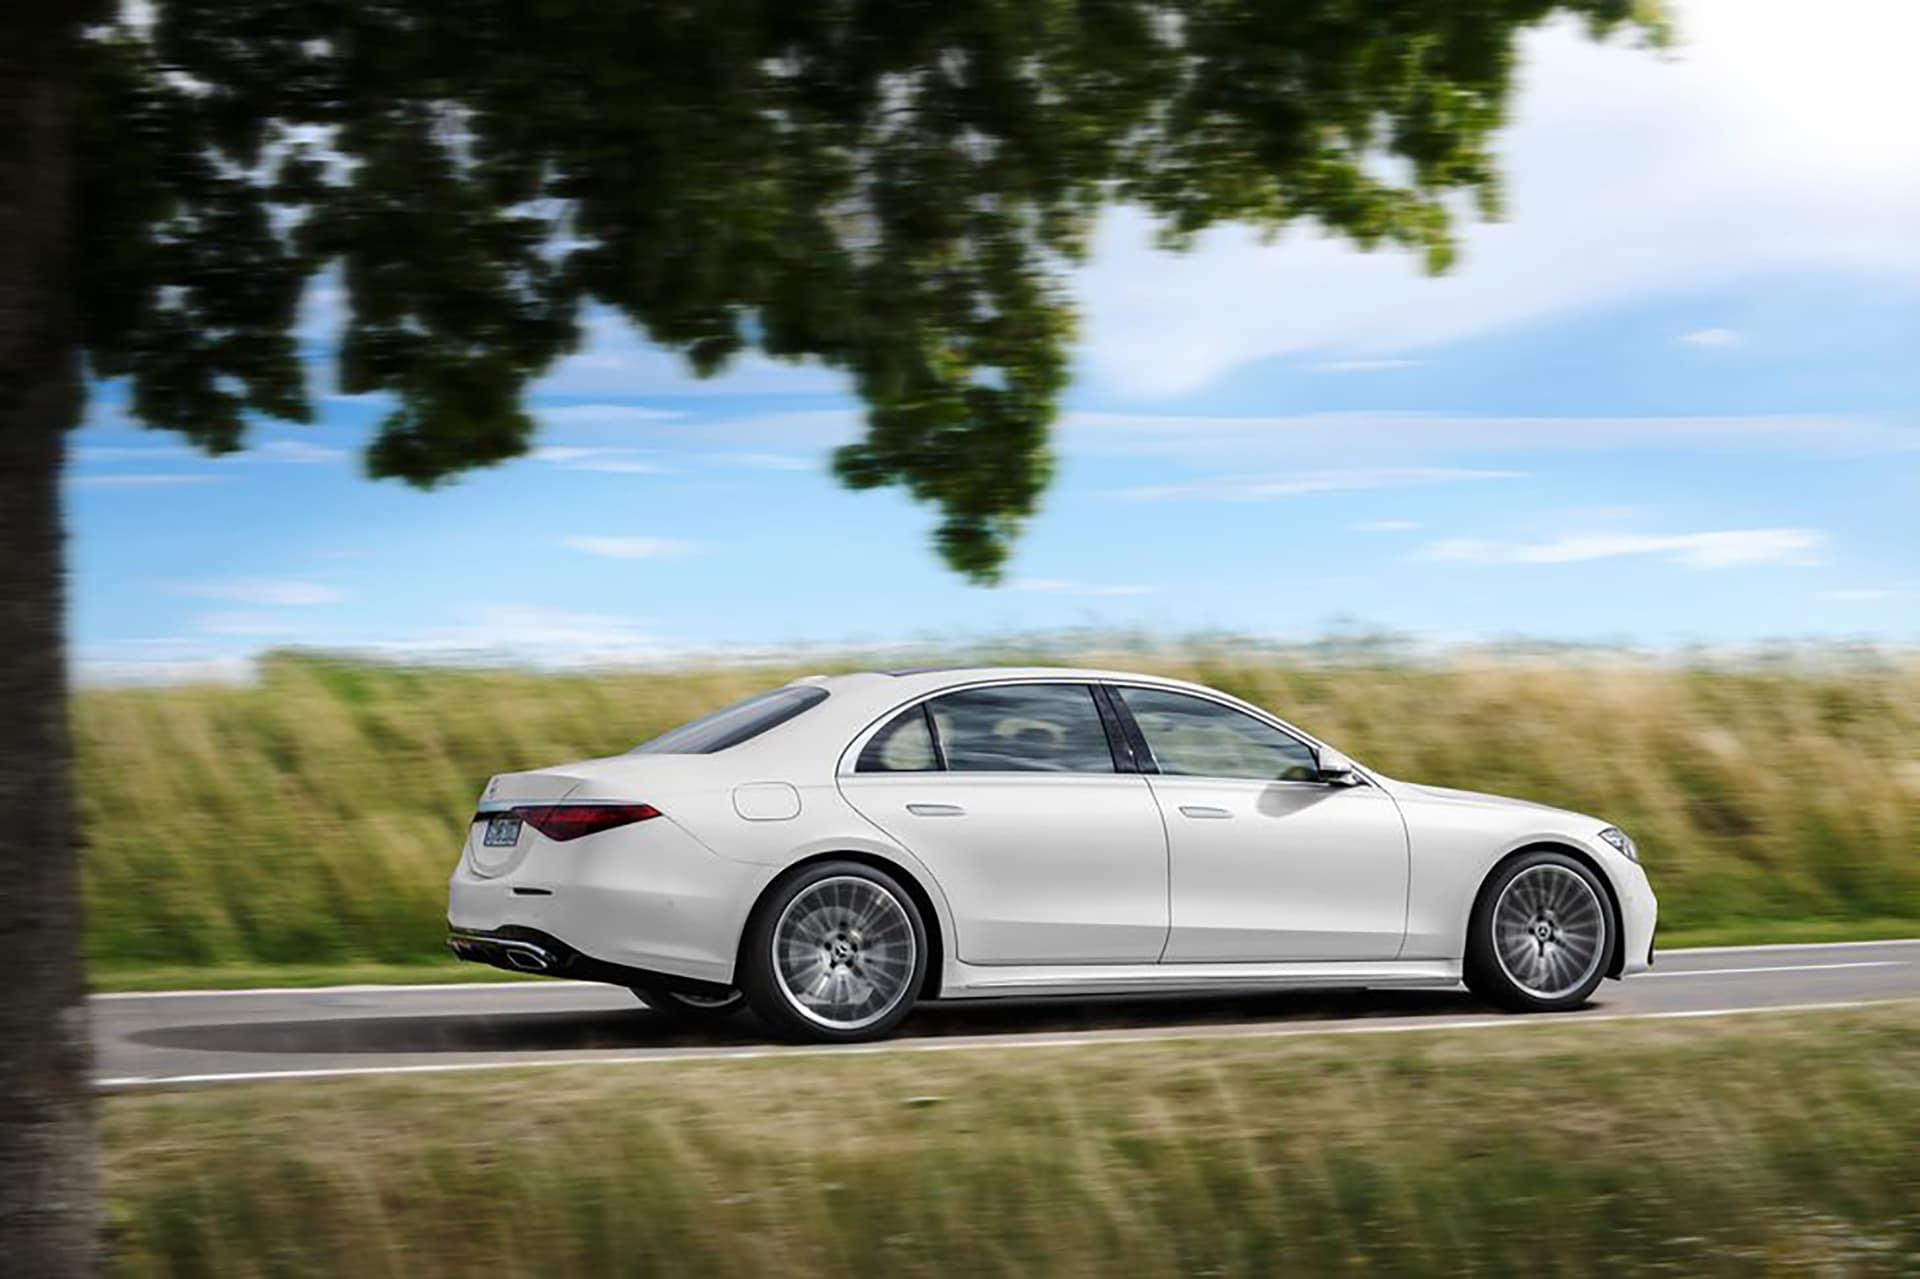 2021 Mercedes-Benz S-Class Sedan Driving